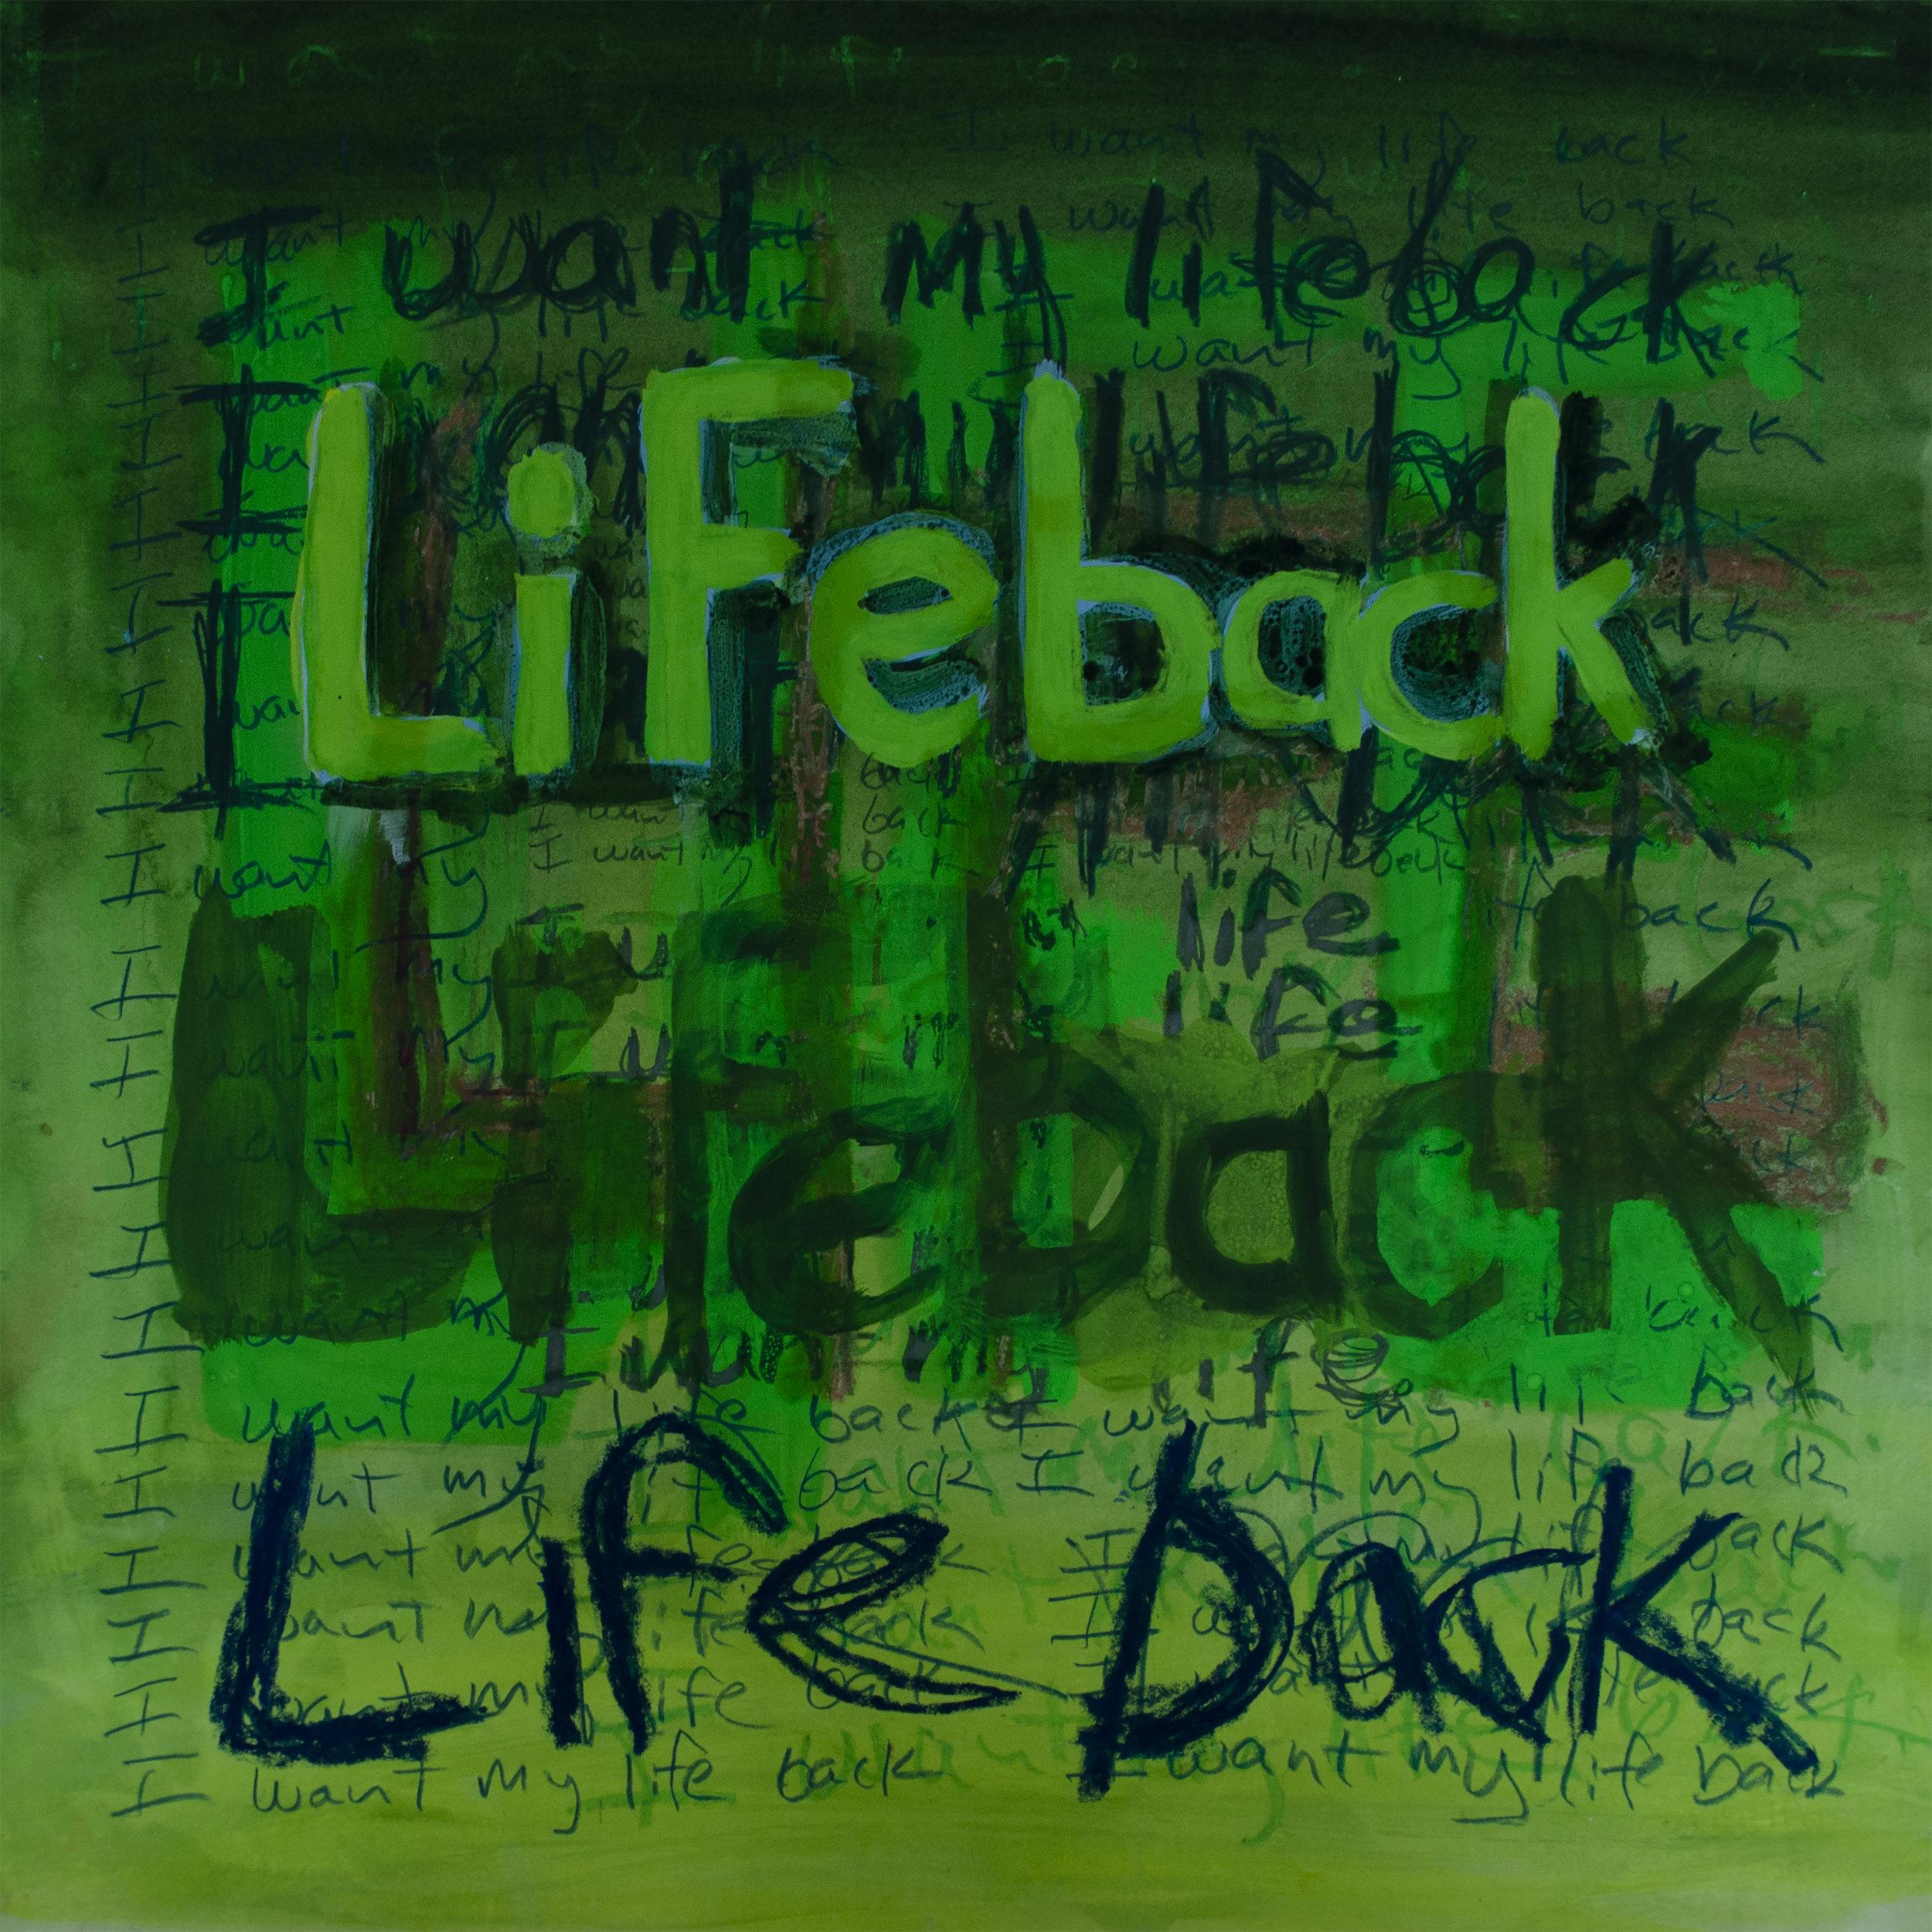 Life back, 1991